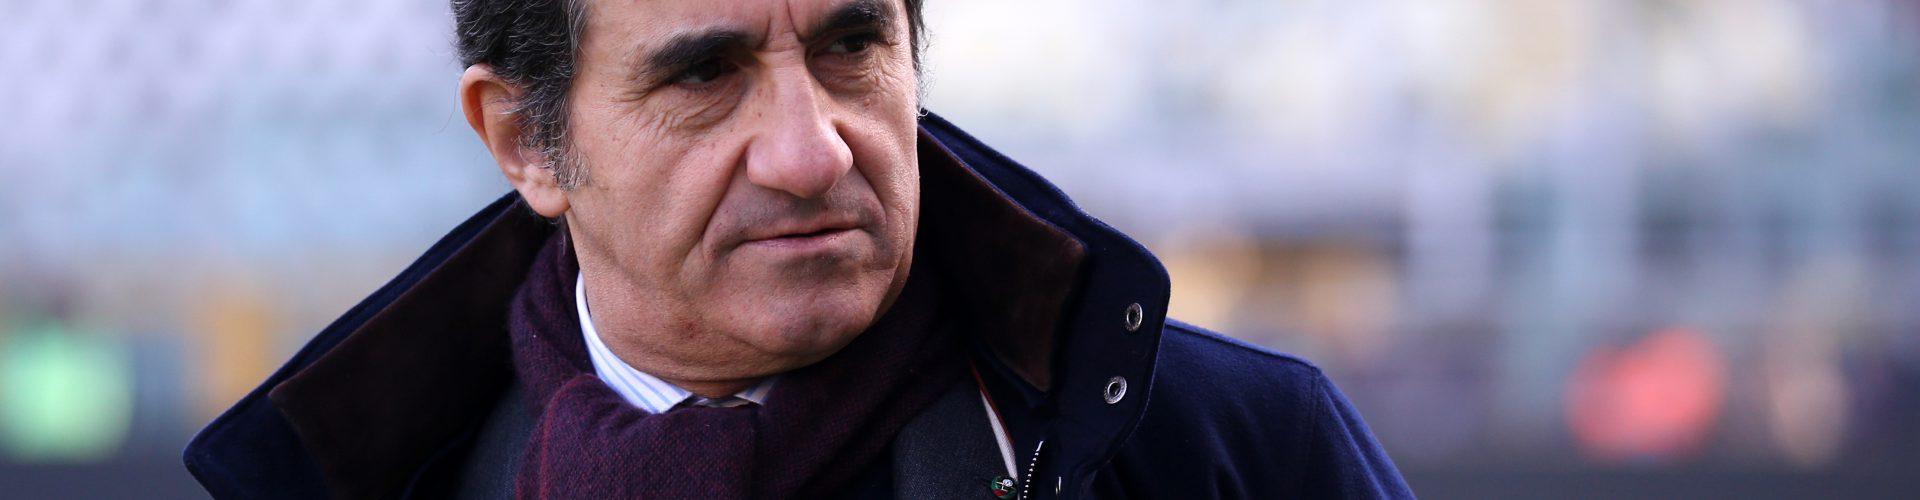 Torino, Cairo contro play-off e play-out: «Non si possono cambiare le regole in corsa»